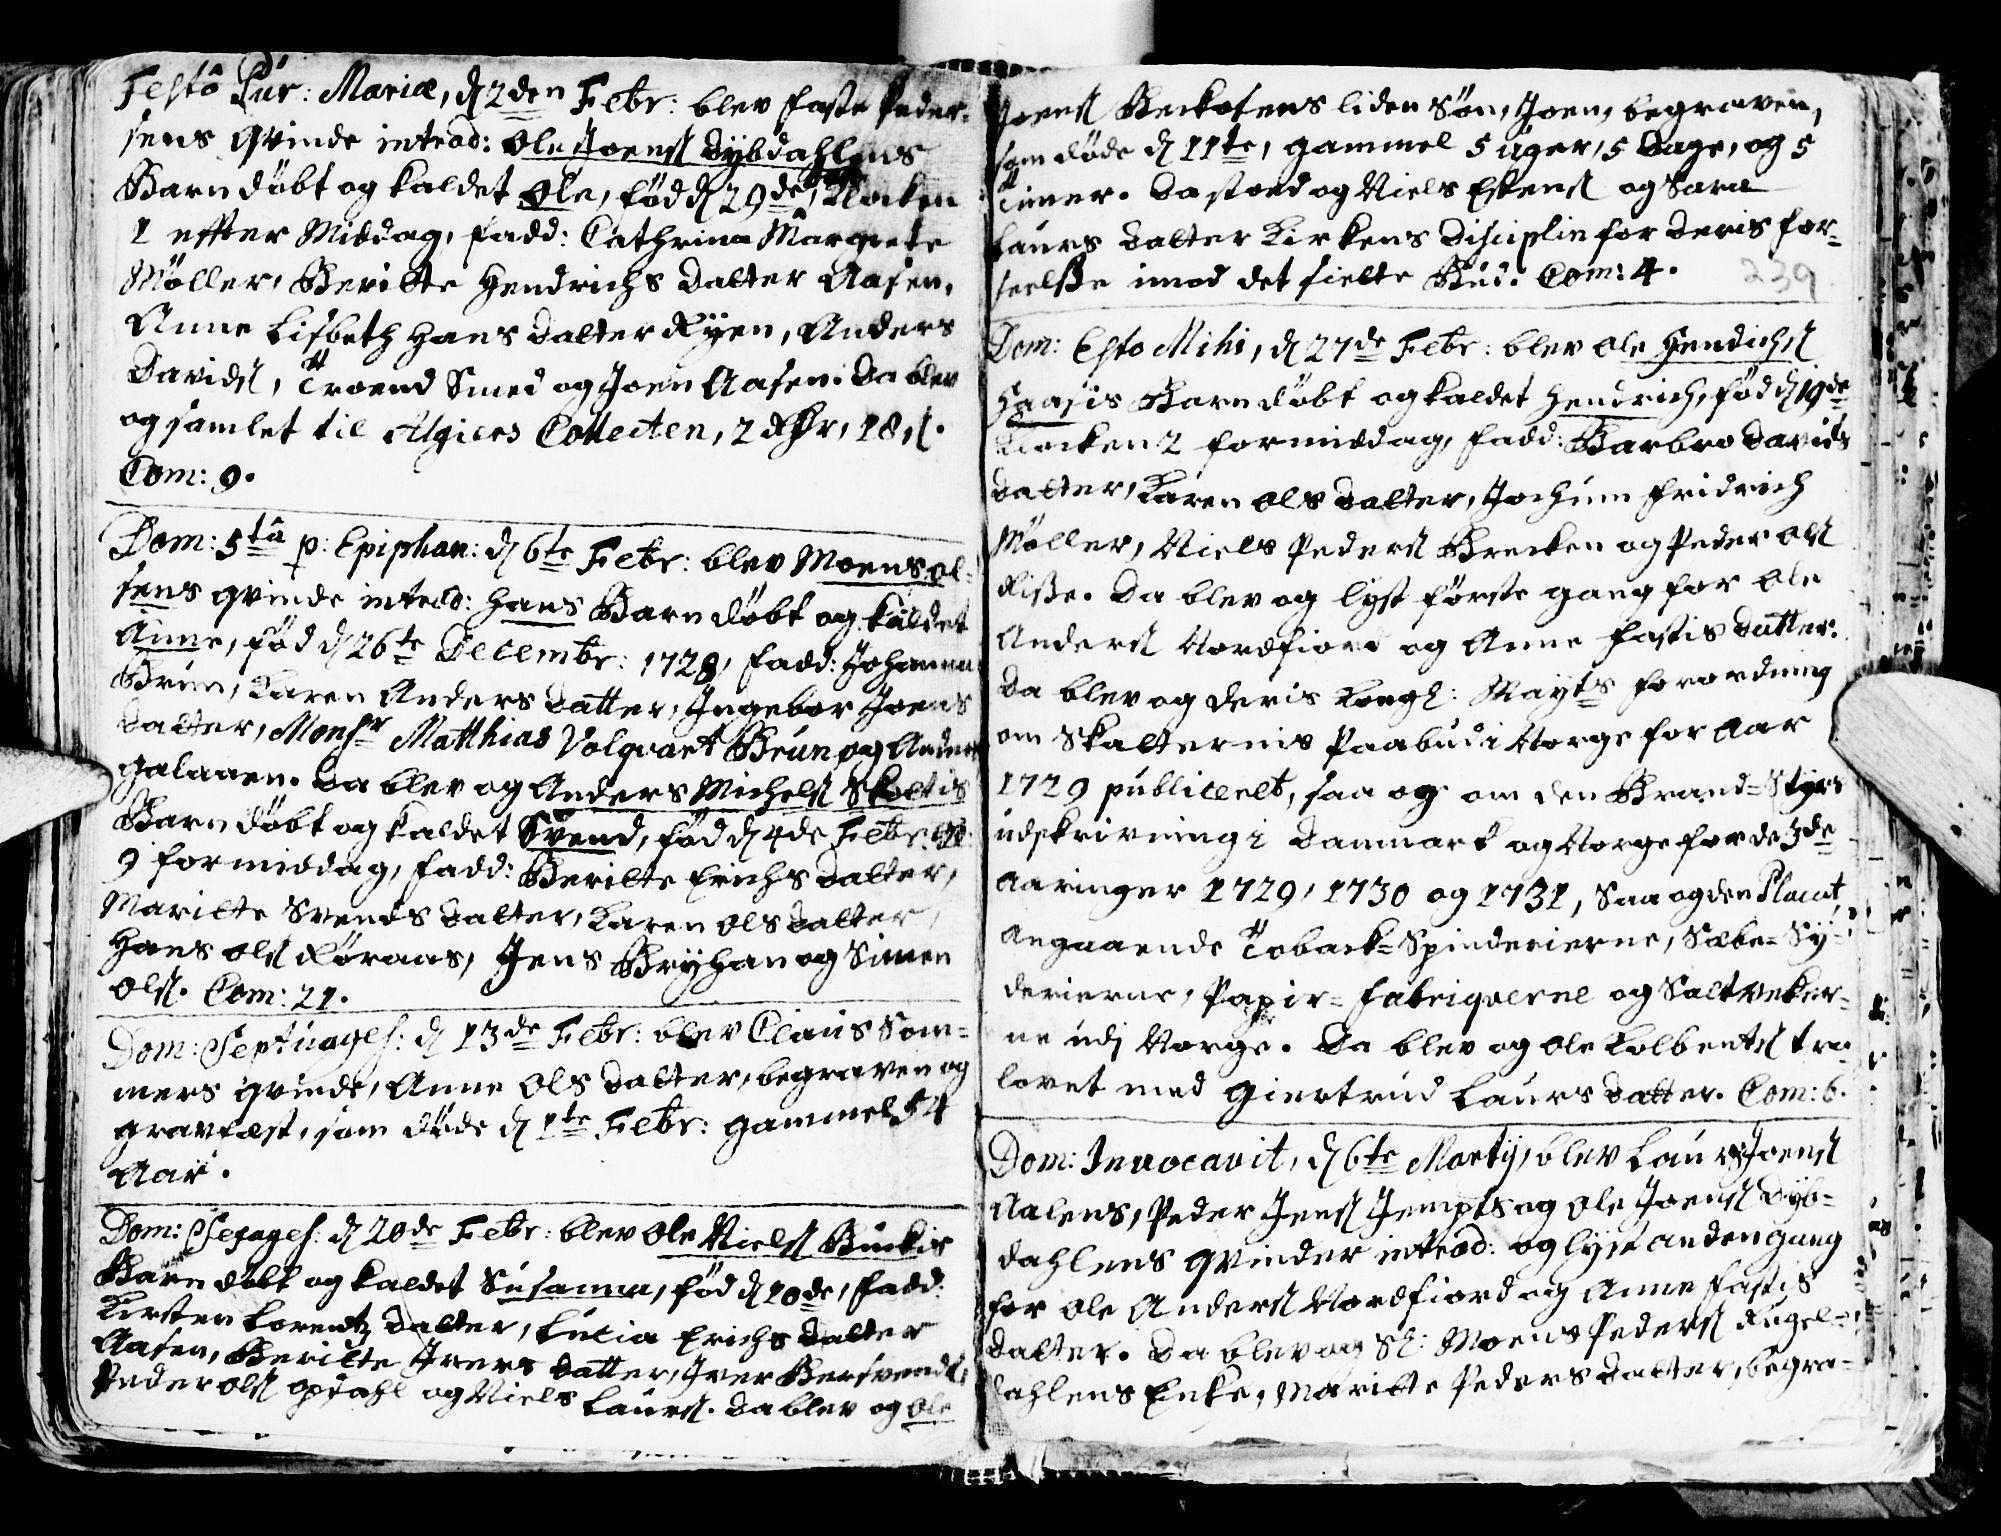 SAT, Ministerialprotokoller, klokkerbøker og fødselsregistre - Sør-Trøndelag, 681/L0924: Ministerialbok nr. 681A02, 1720-1731, s. 238-239